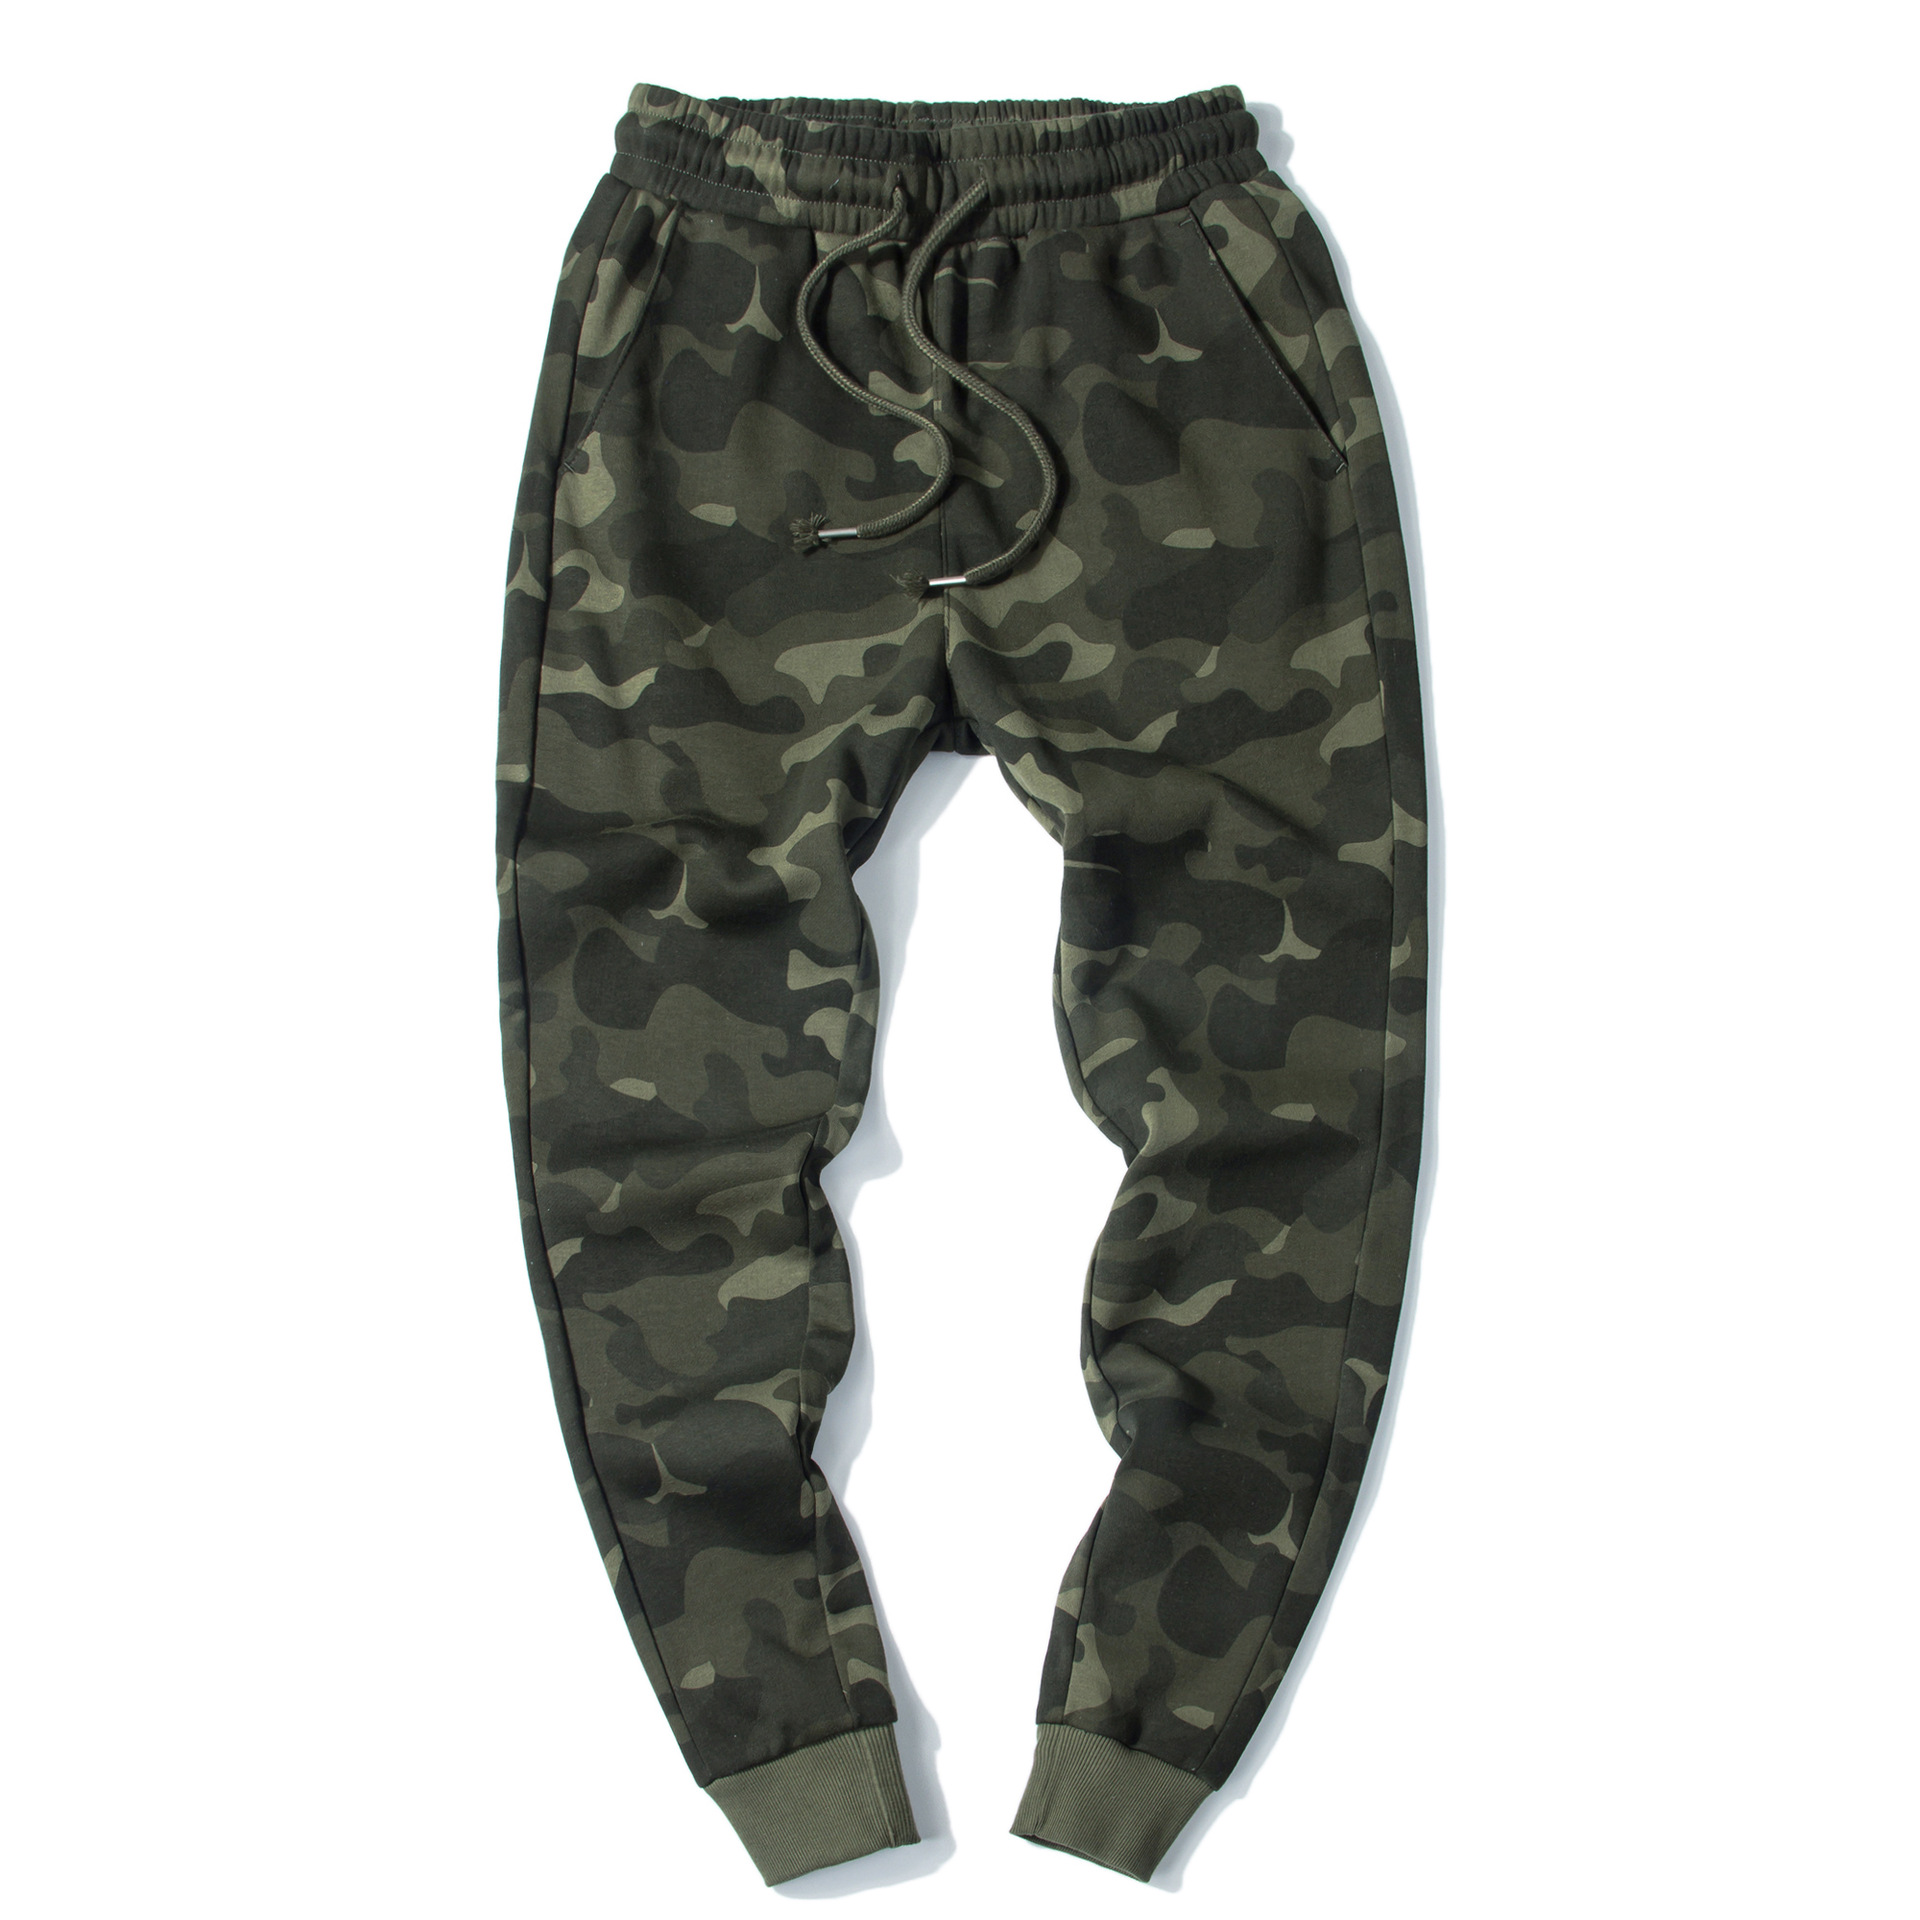 2019 Mens Jogger Autumn Pencil Harem Pants Men Camouflage Military Pants Cotton Comfortable Sweatpants Trousers Camo Joggers